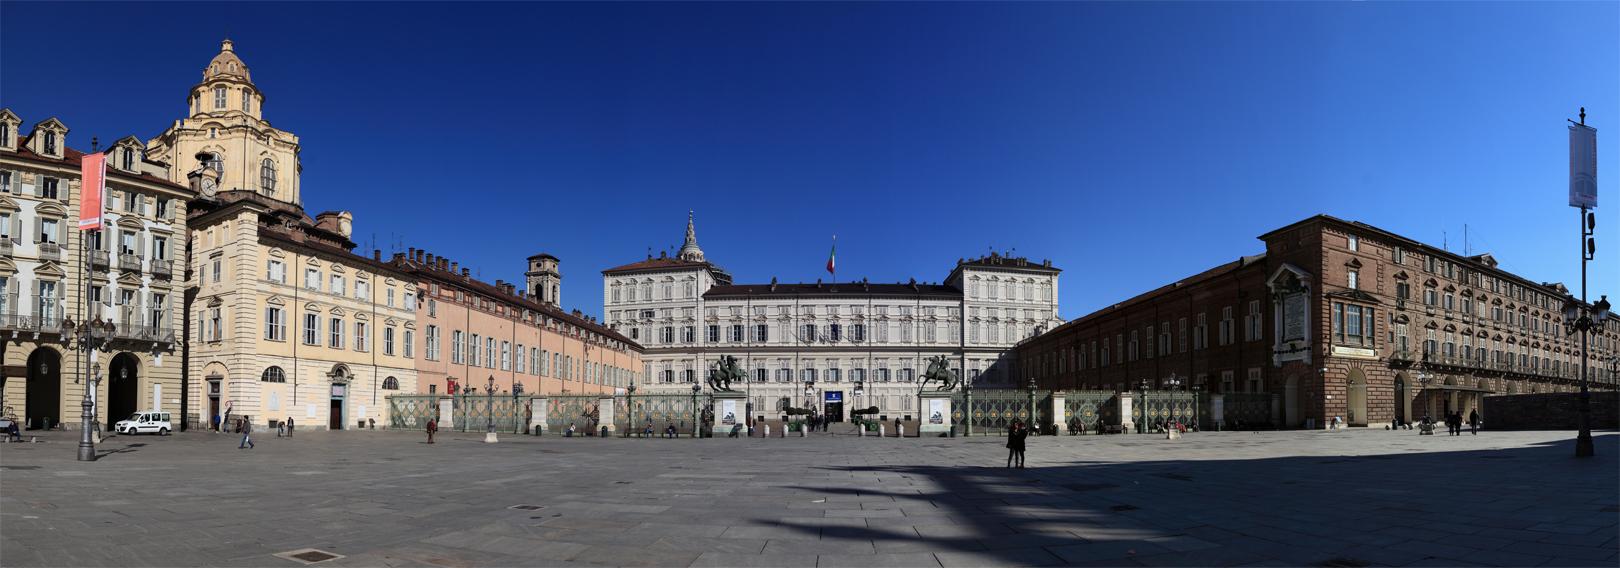 039 Piazza Castello Turin